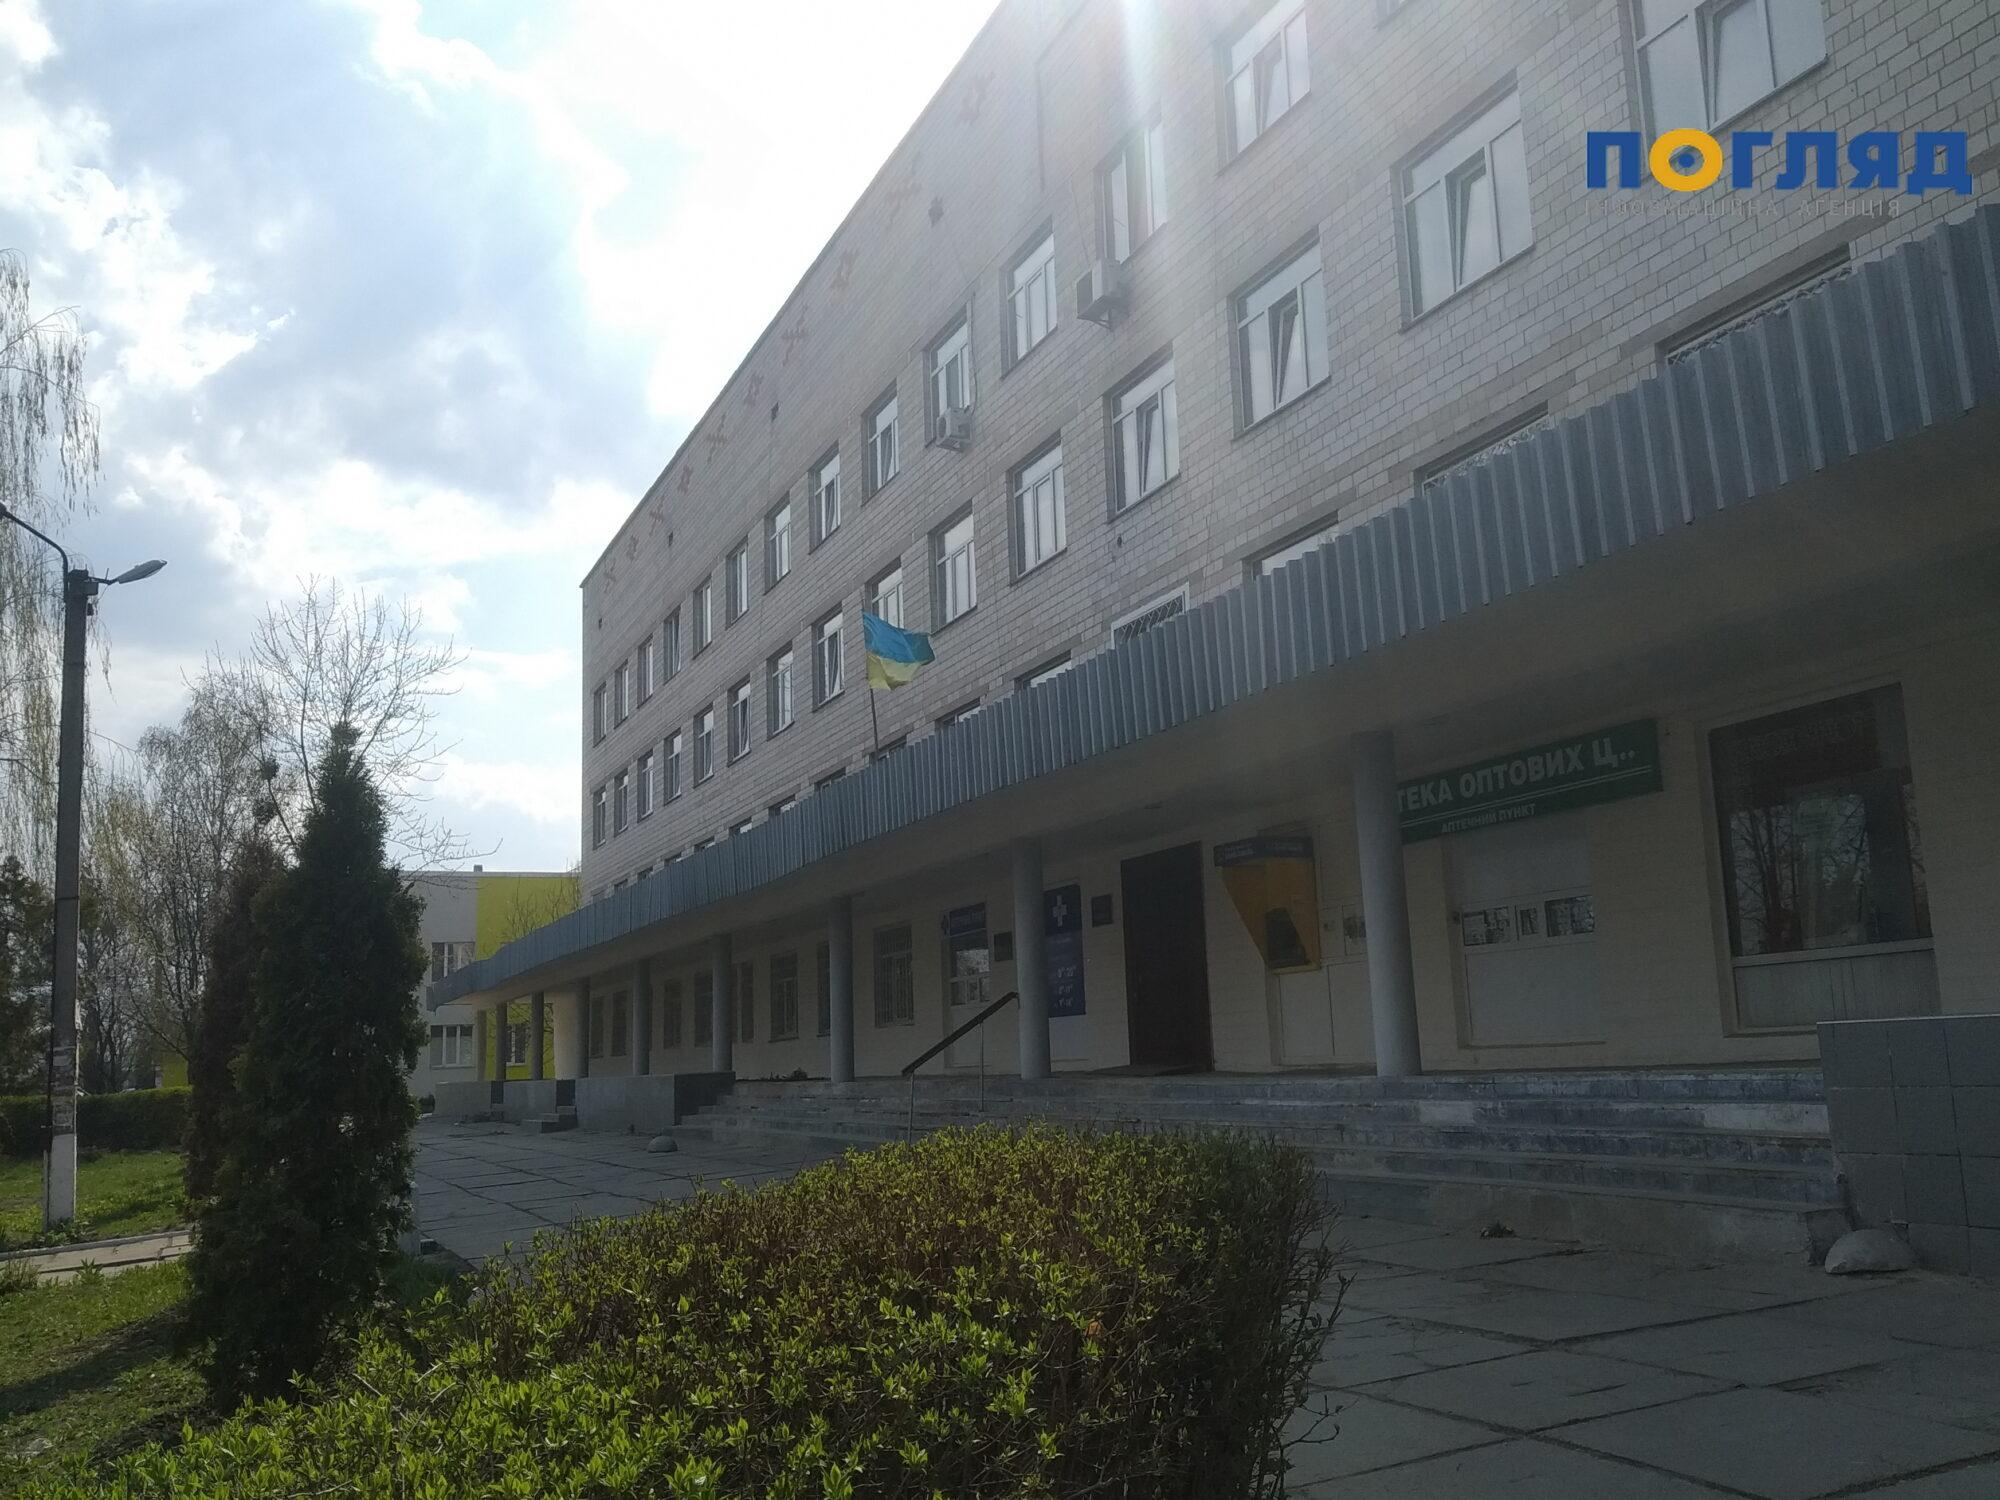 Що отримає Васильківська лікарня з 80 млн держсубвенції для Київщини -  - 0000IMG 20200410 150257 2000x1500